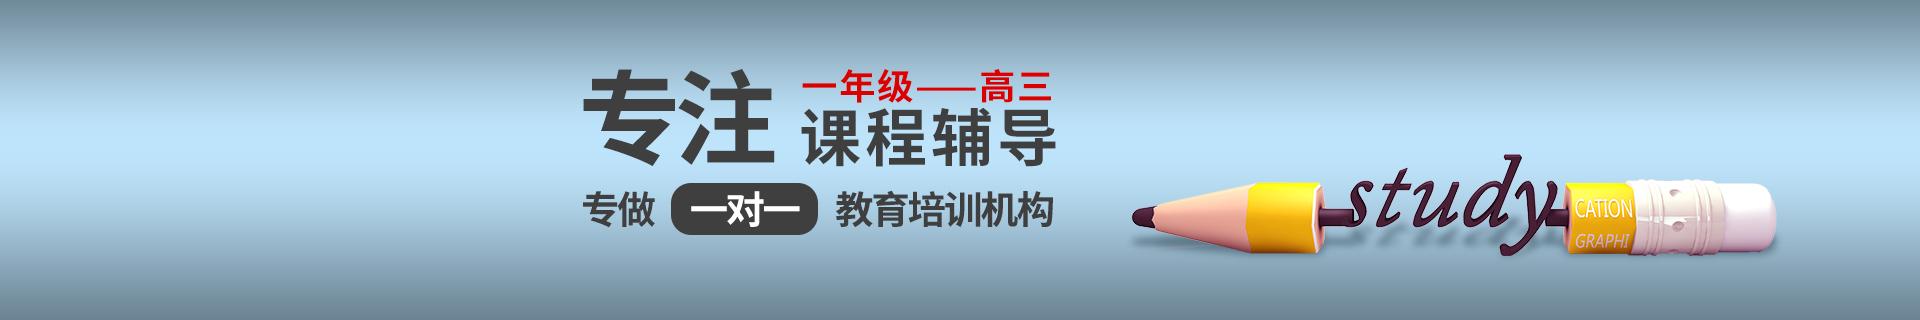 武汉汉阳区尖锋教育机构